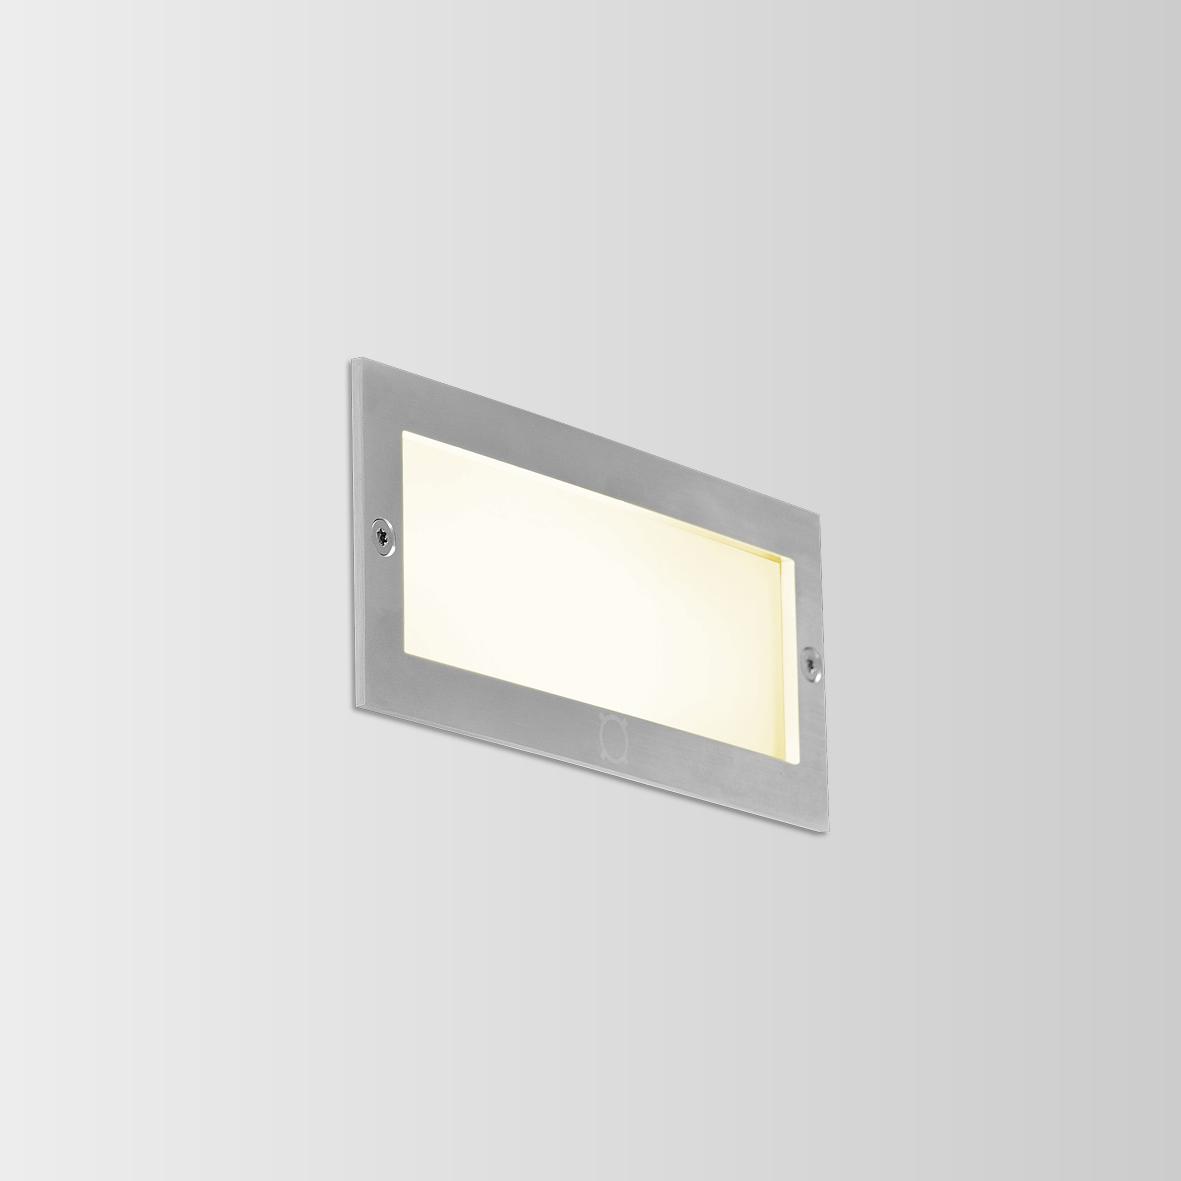 ATIM 1.0 LED 3000K DIM INOX 6W 80CRI 220-240VAC, välisvalgusti seina süvistatud